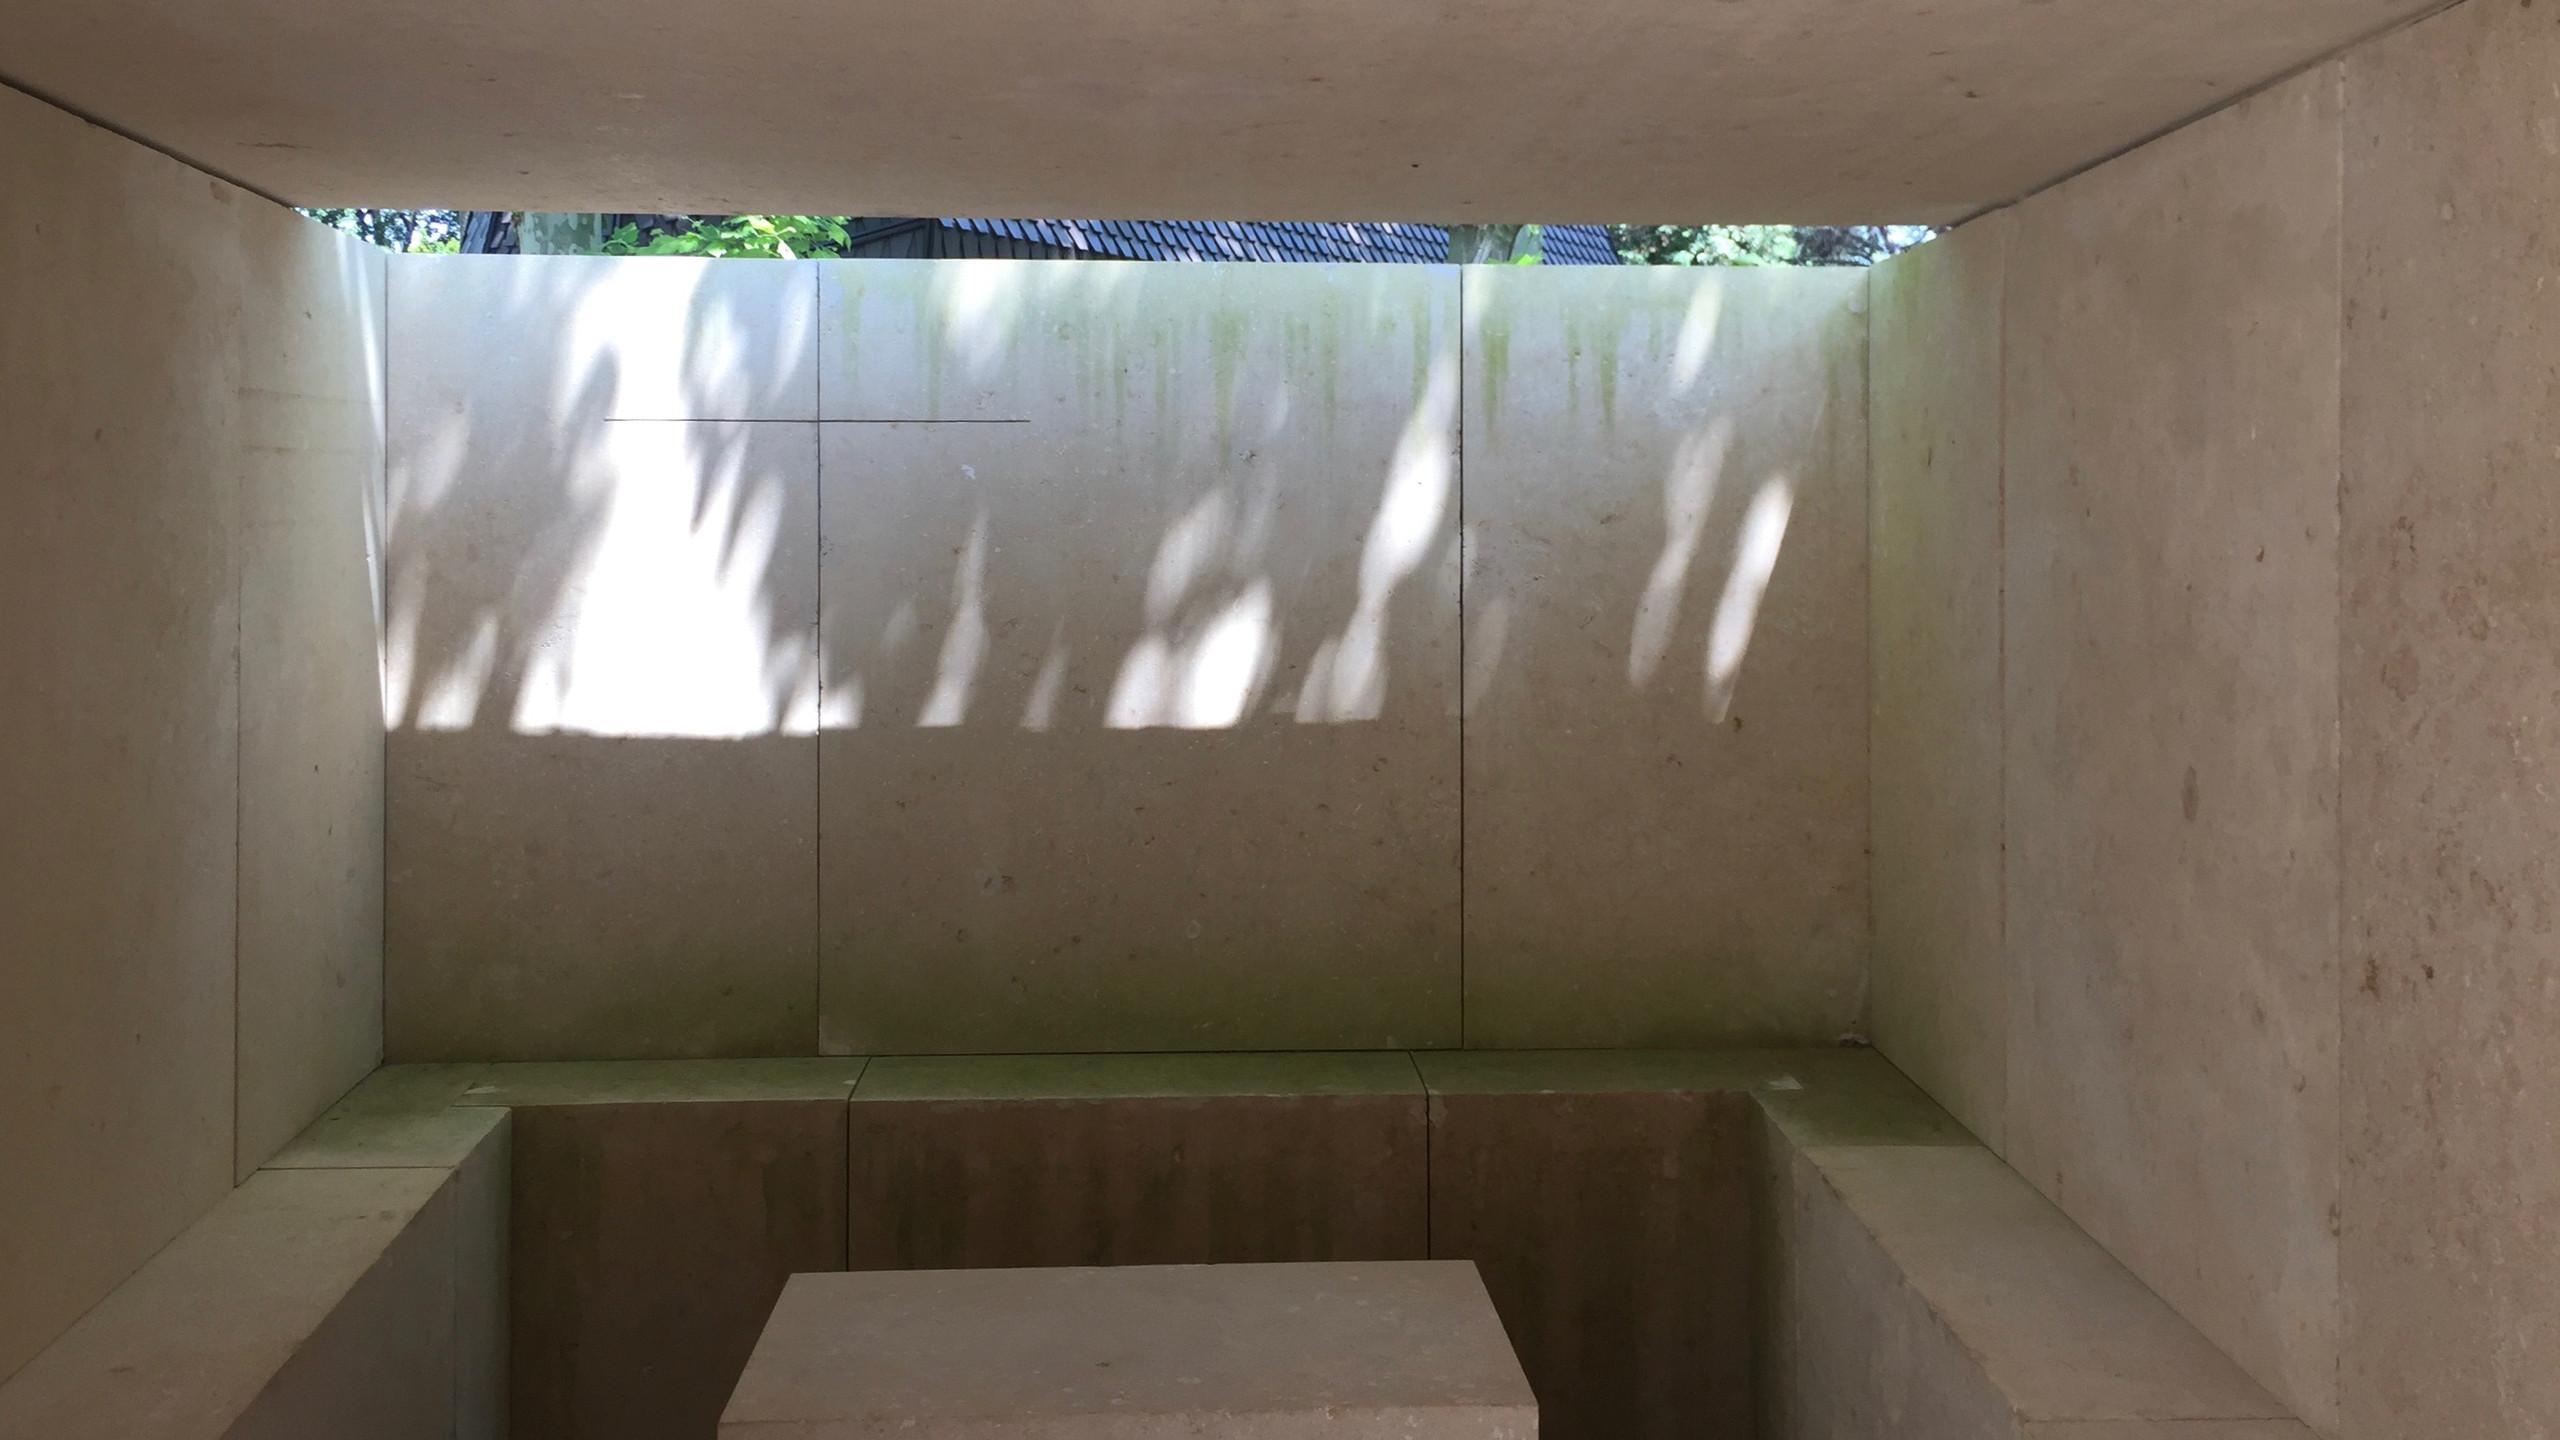 Eduardo Souto de Moura's Waldfriedhofkapelle für den Vatikanstaat